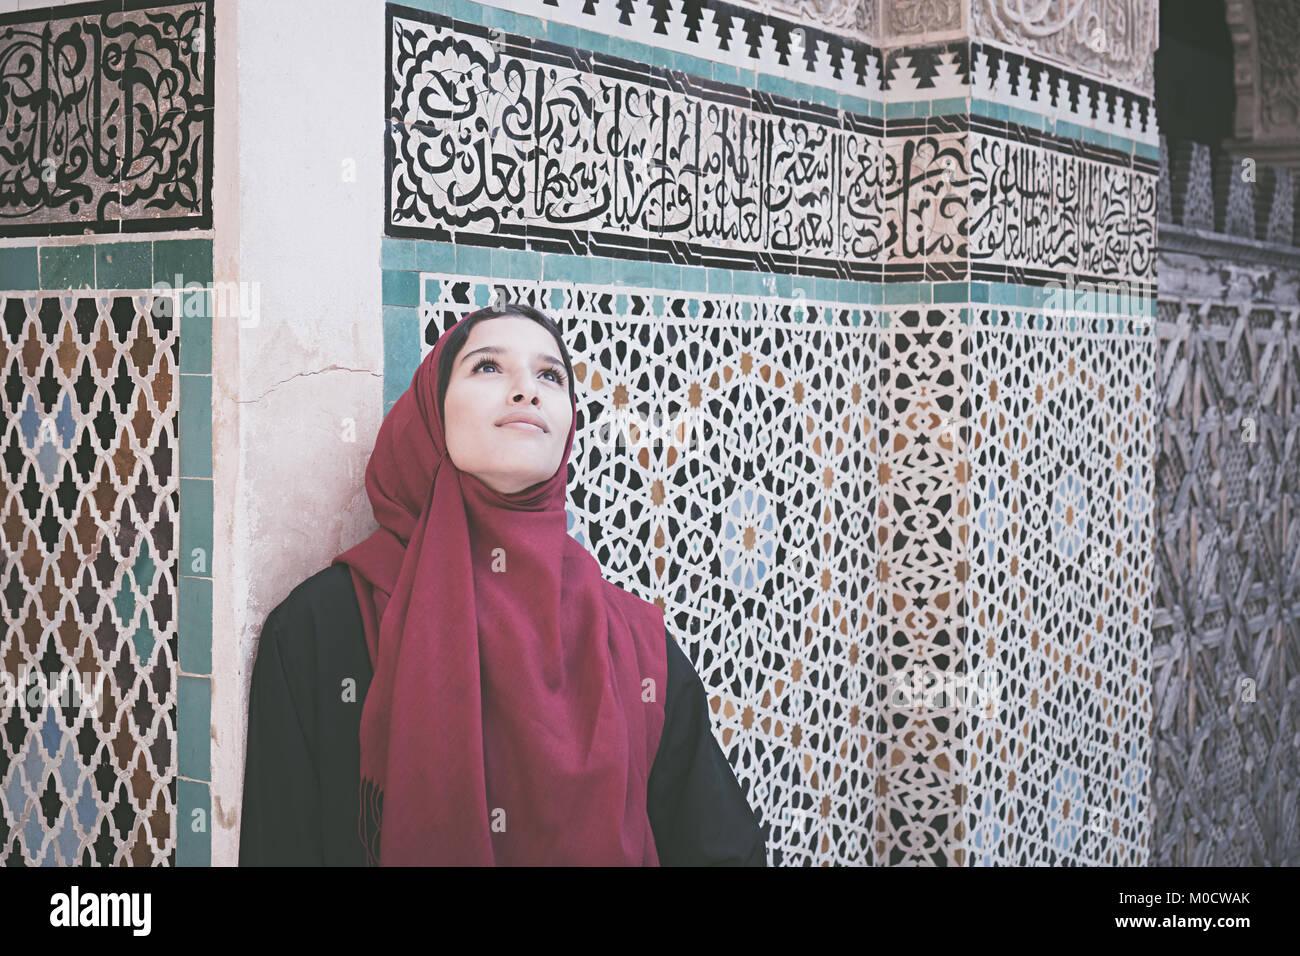 Arabische Frau in traditioneller Kleidung mit roten Kopftuch vor der Wand mit Text aus dem Koran Stockbild